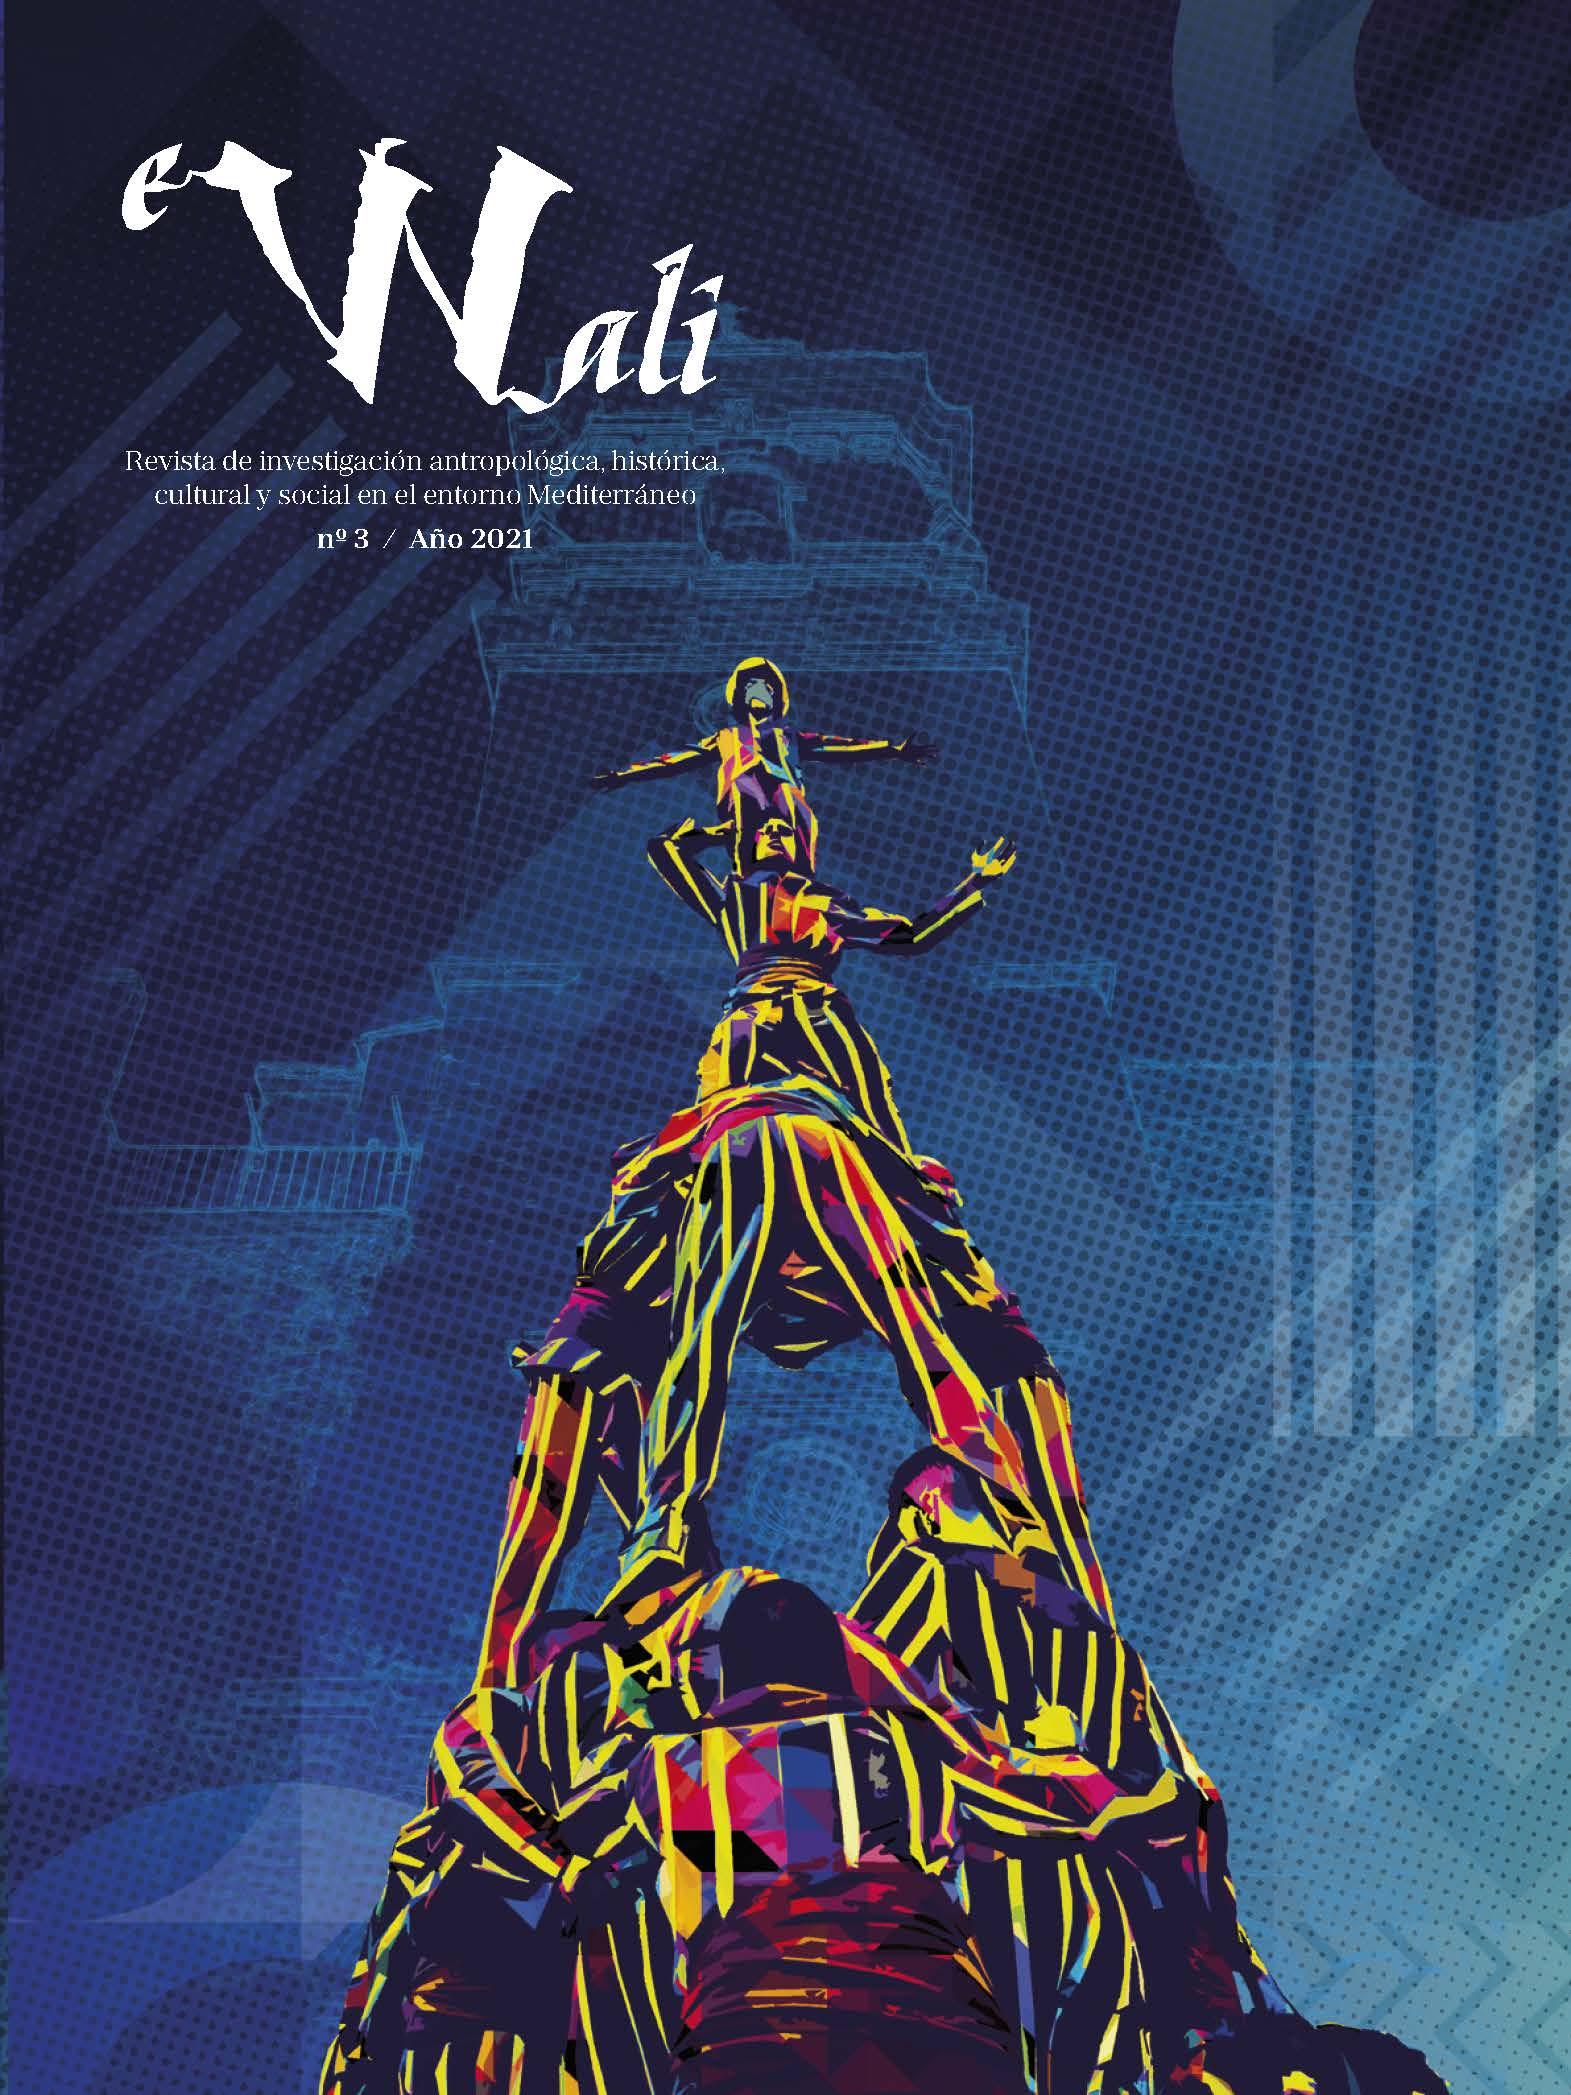 Ver Núm. 3 (2021): eWali. Revista de investigación antropológica, histórica, cultural y social en el entorno Mediterráneo